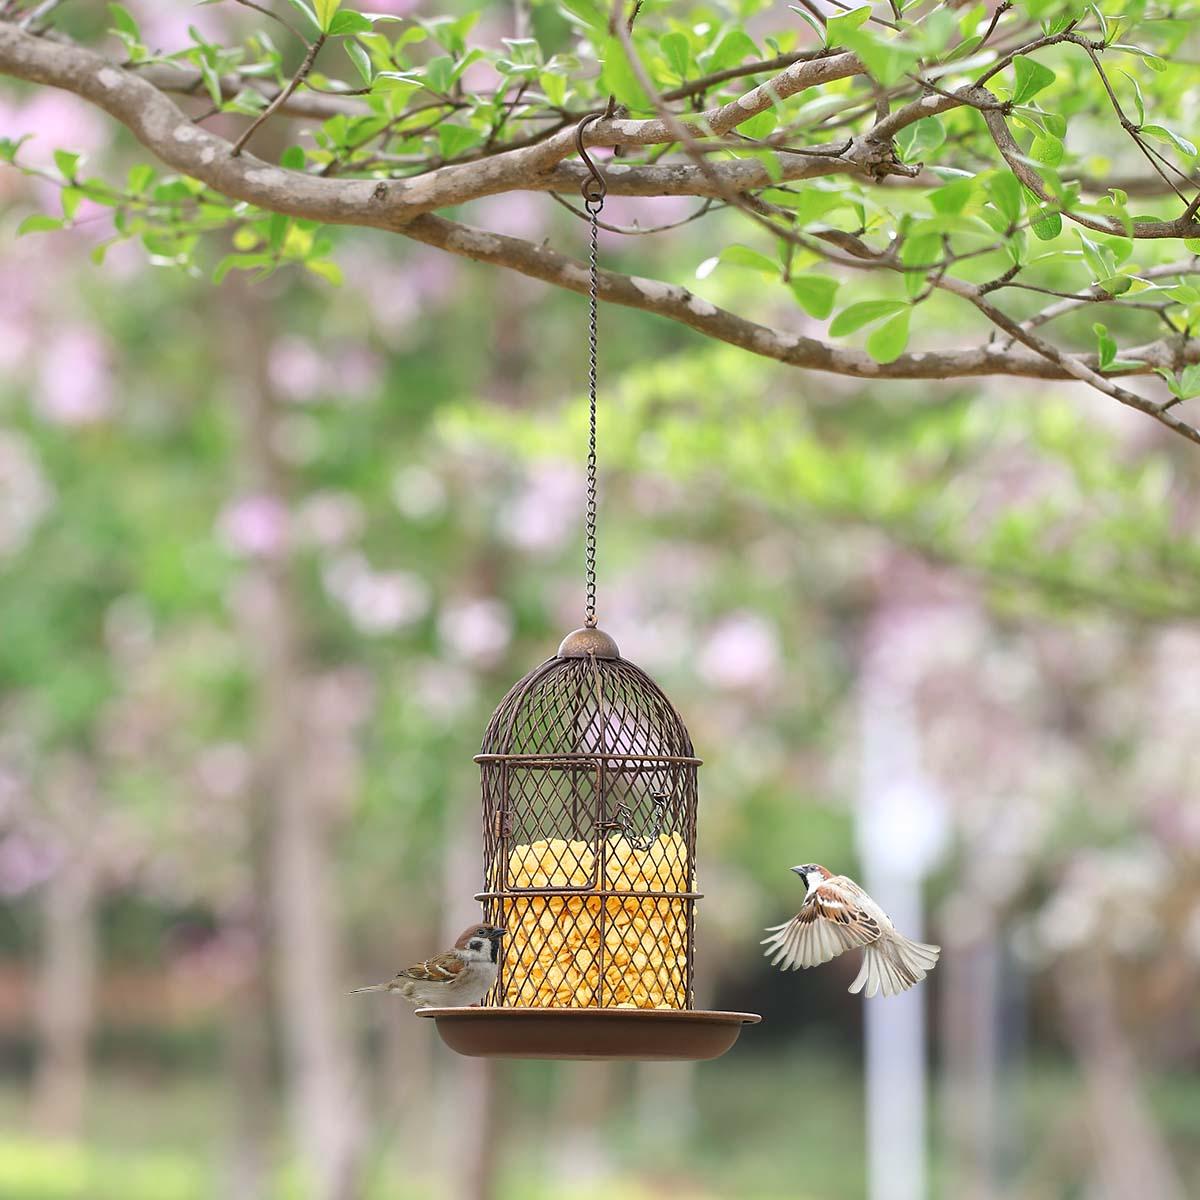 Practical Birdcage Shaped Bird Feeder Hanging Wild Bird Feeder Garden Backyard Household Handmade Decoration Bird Gift Crafts